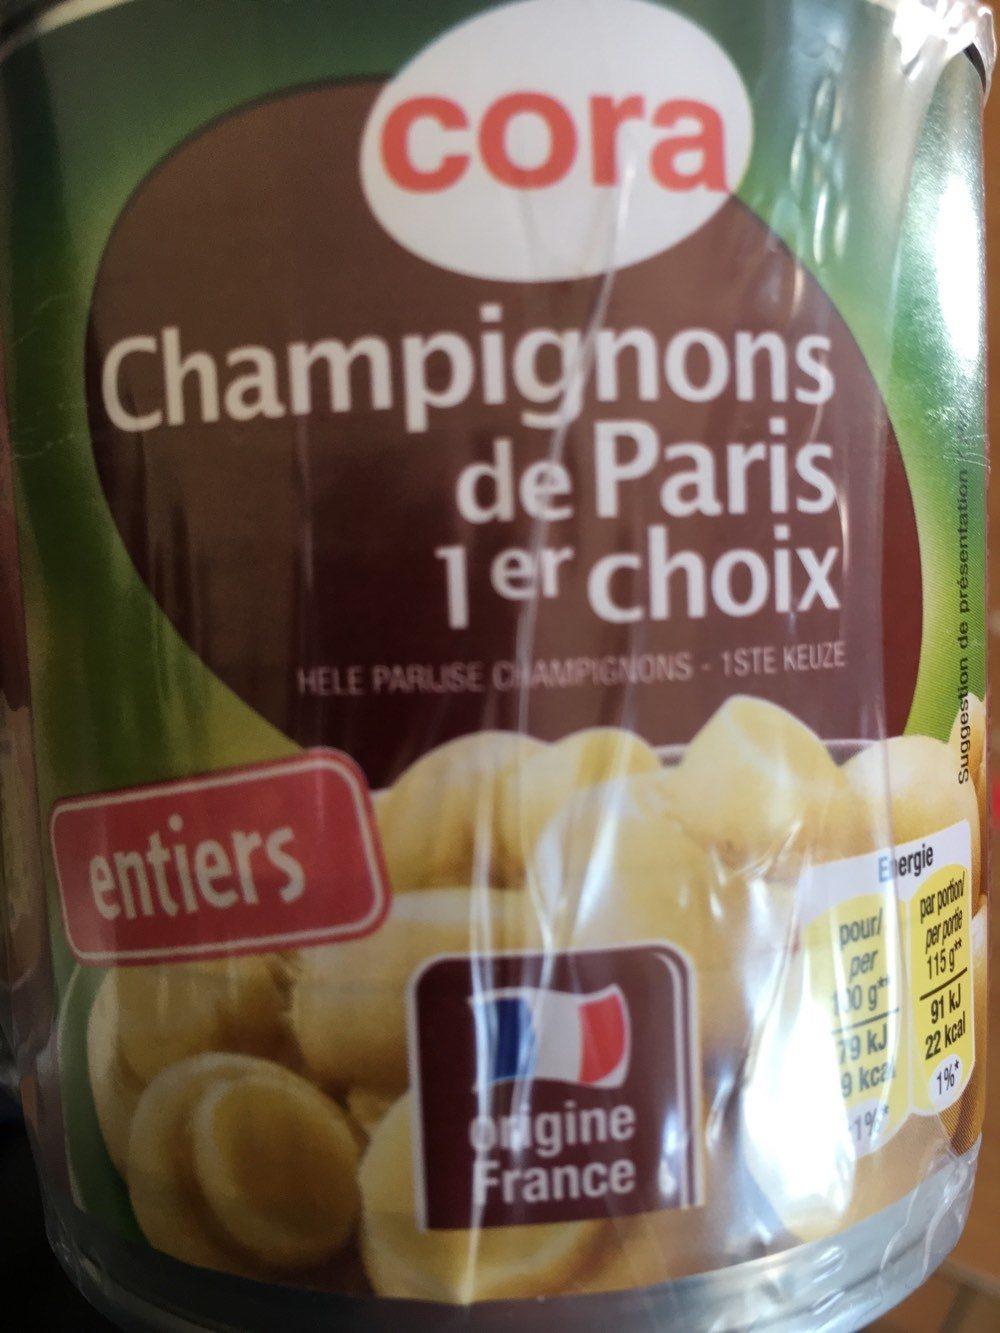 Champignons de Paris 1er choix - Product